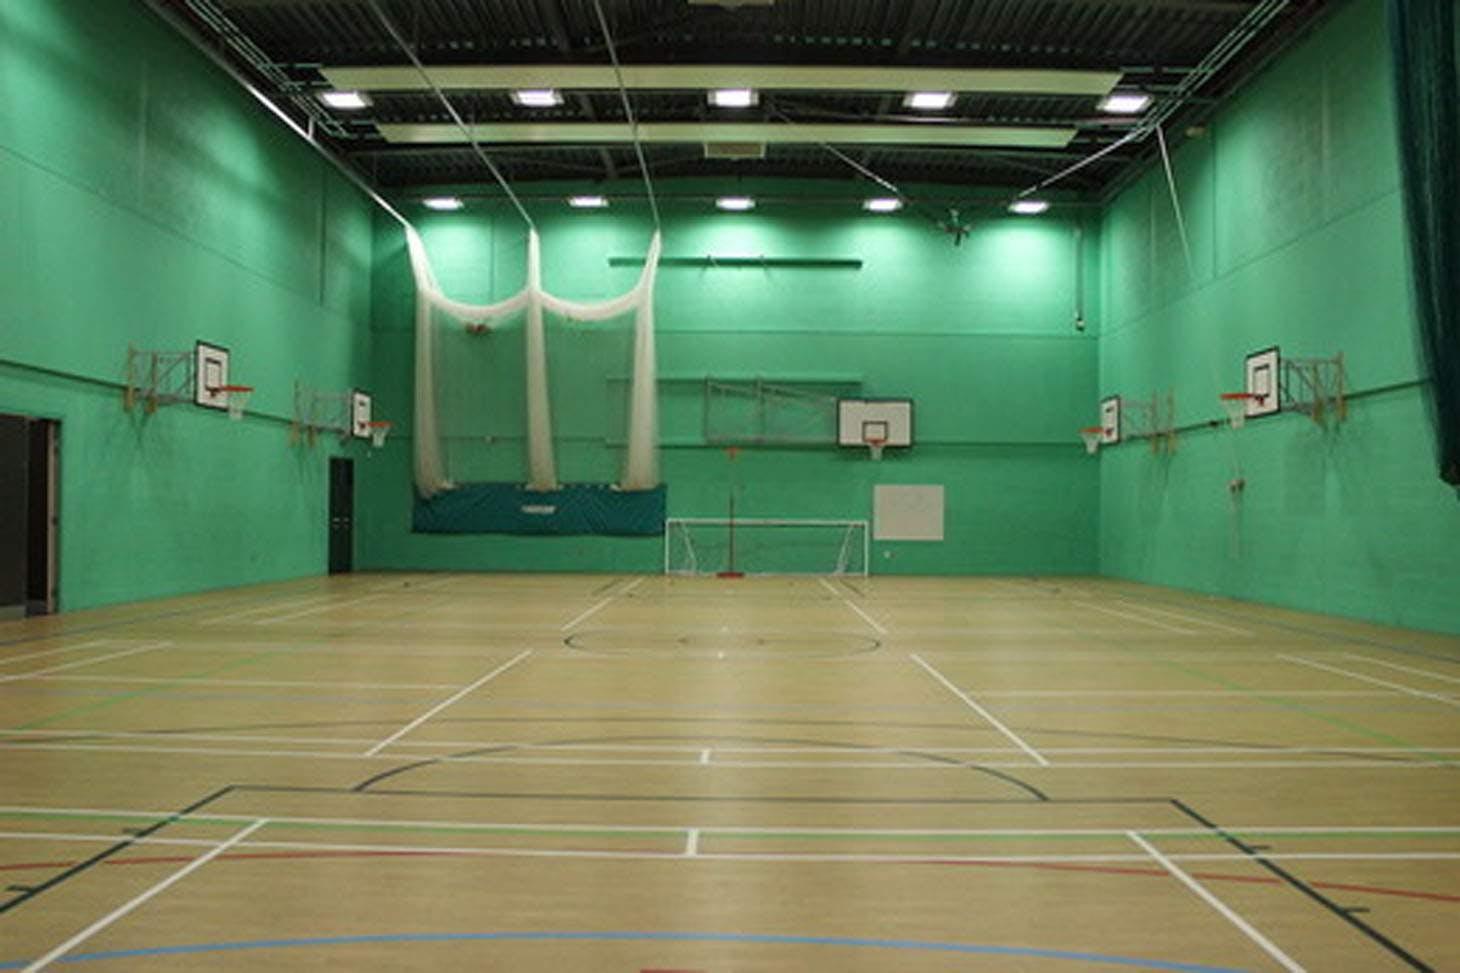 Litherland High School Indoor badminton court